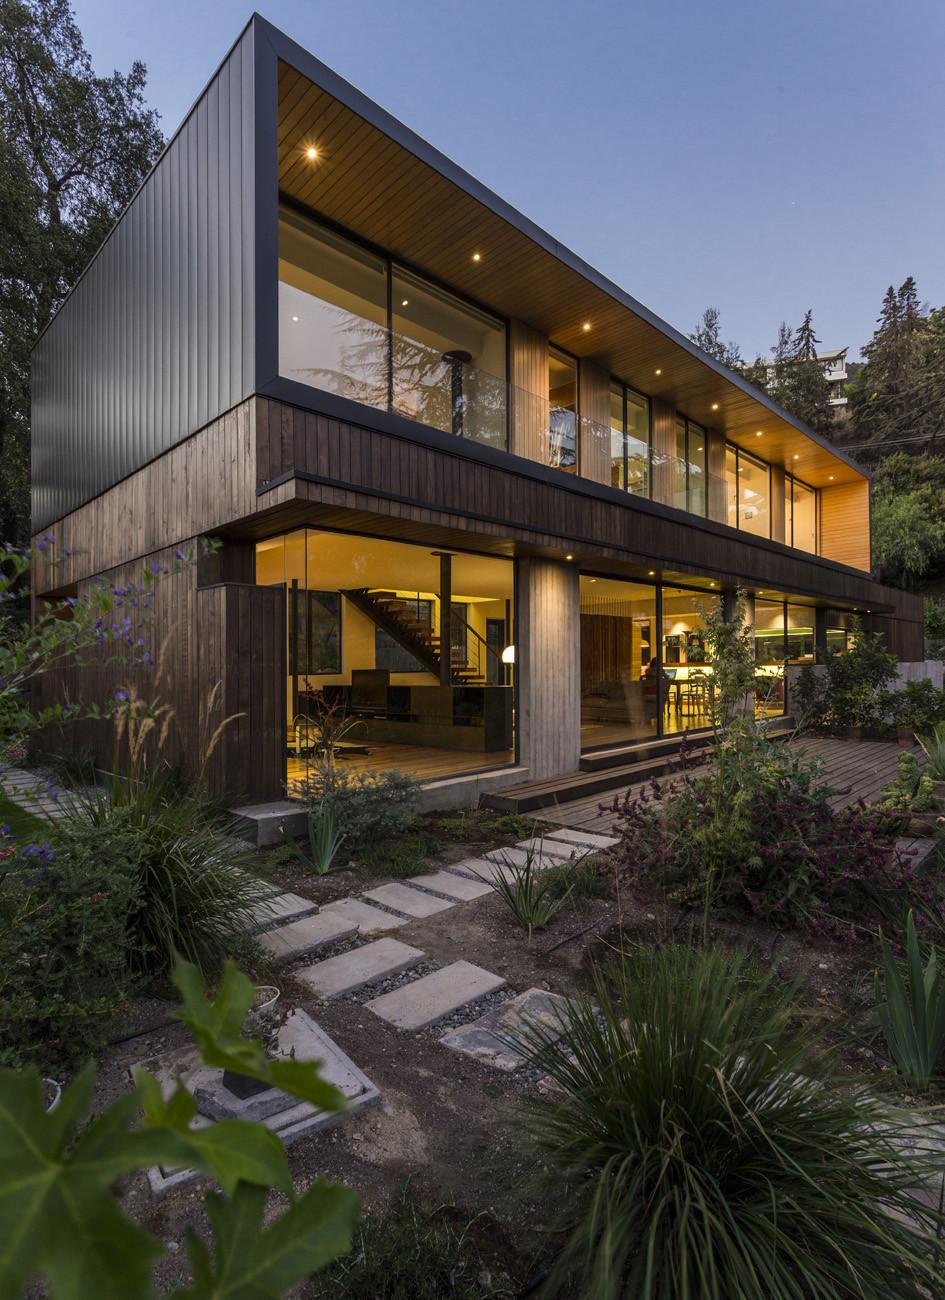 Casa lo curro nicolas loi plataforma arquitectura for Plataforma arquitectura